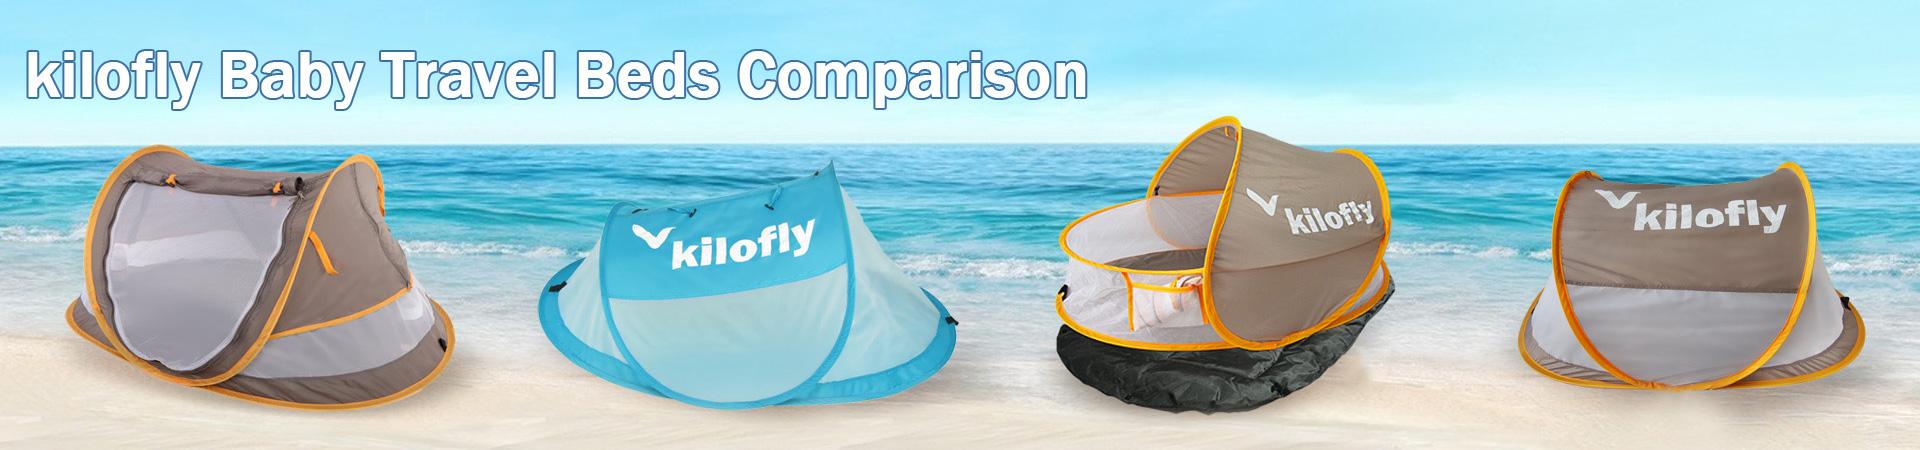 kilofly beach tent travel bed